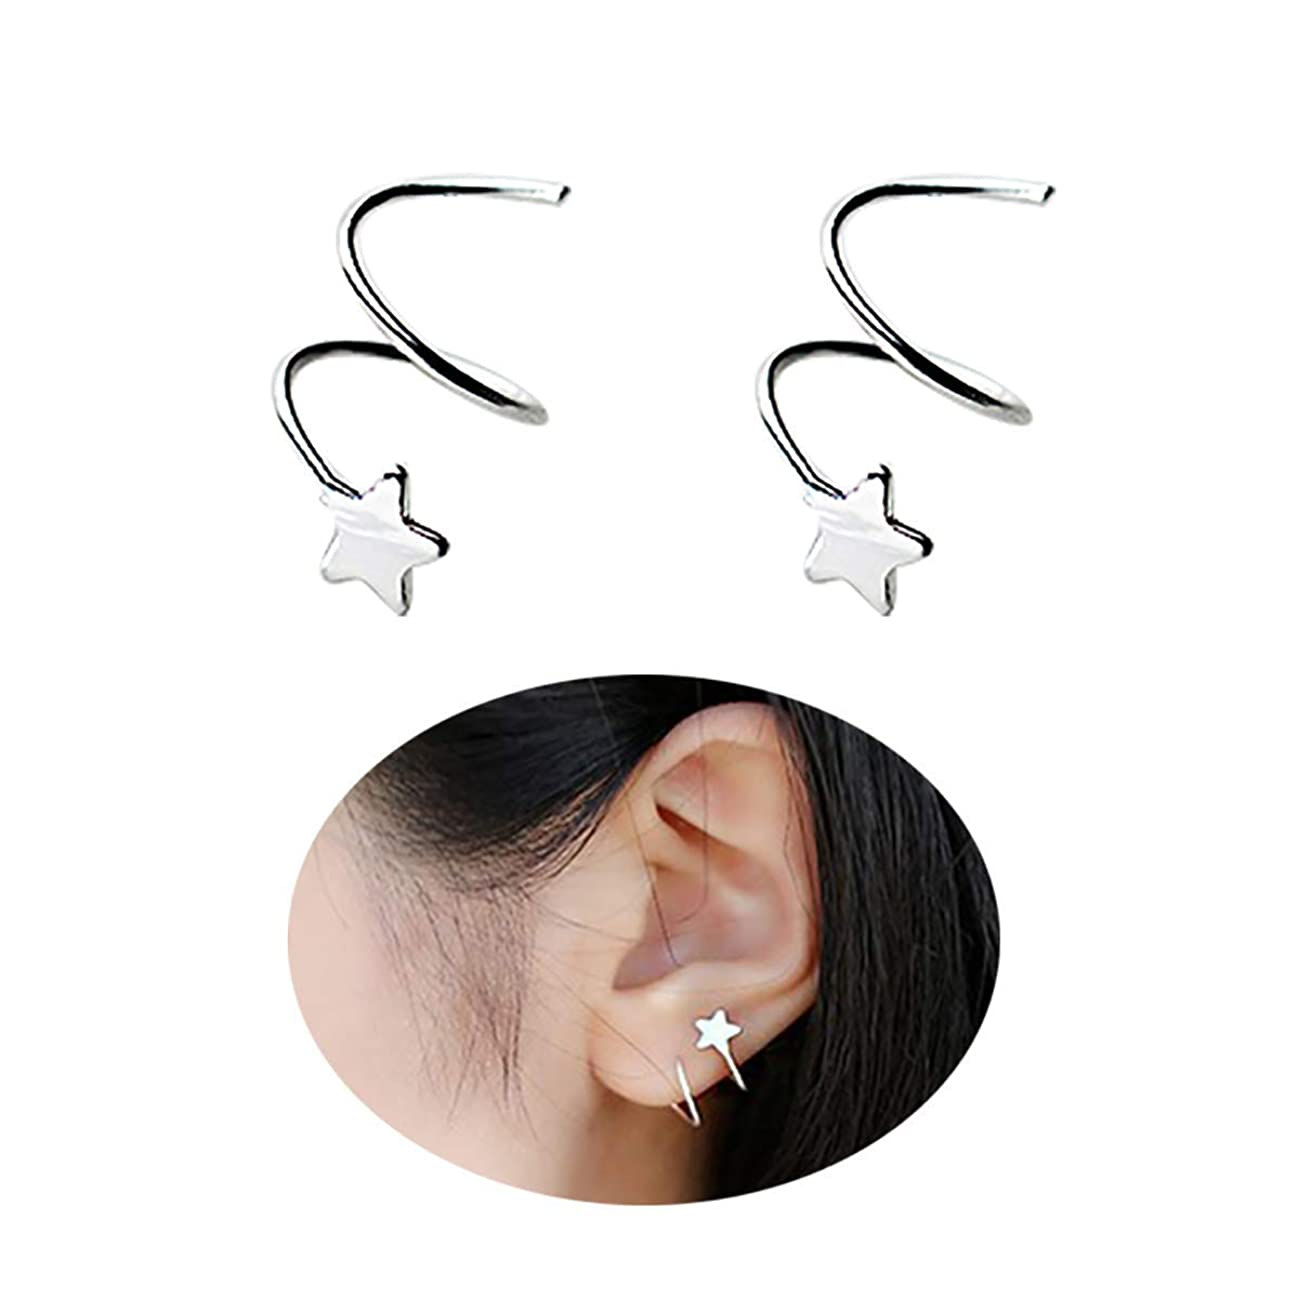 MVCOLEDY 925 Sterling Silver Star Earrings for Women Teen Girls Fashion Wrap Earrings